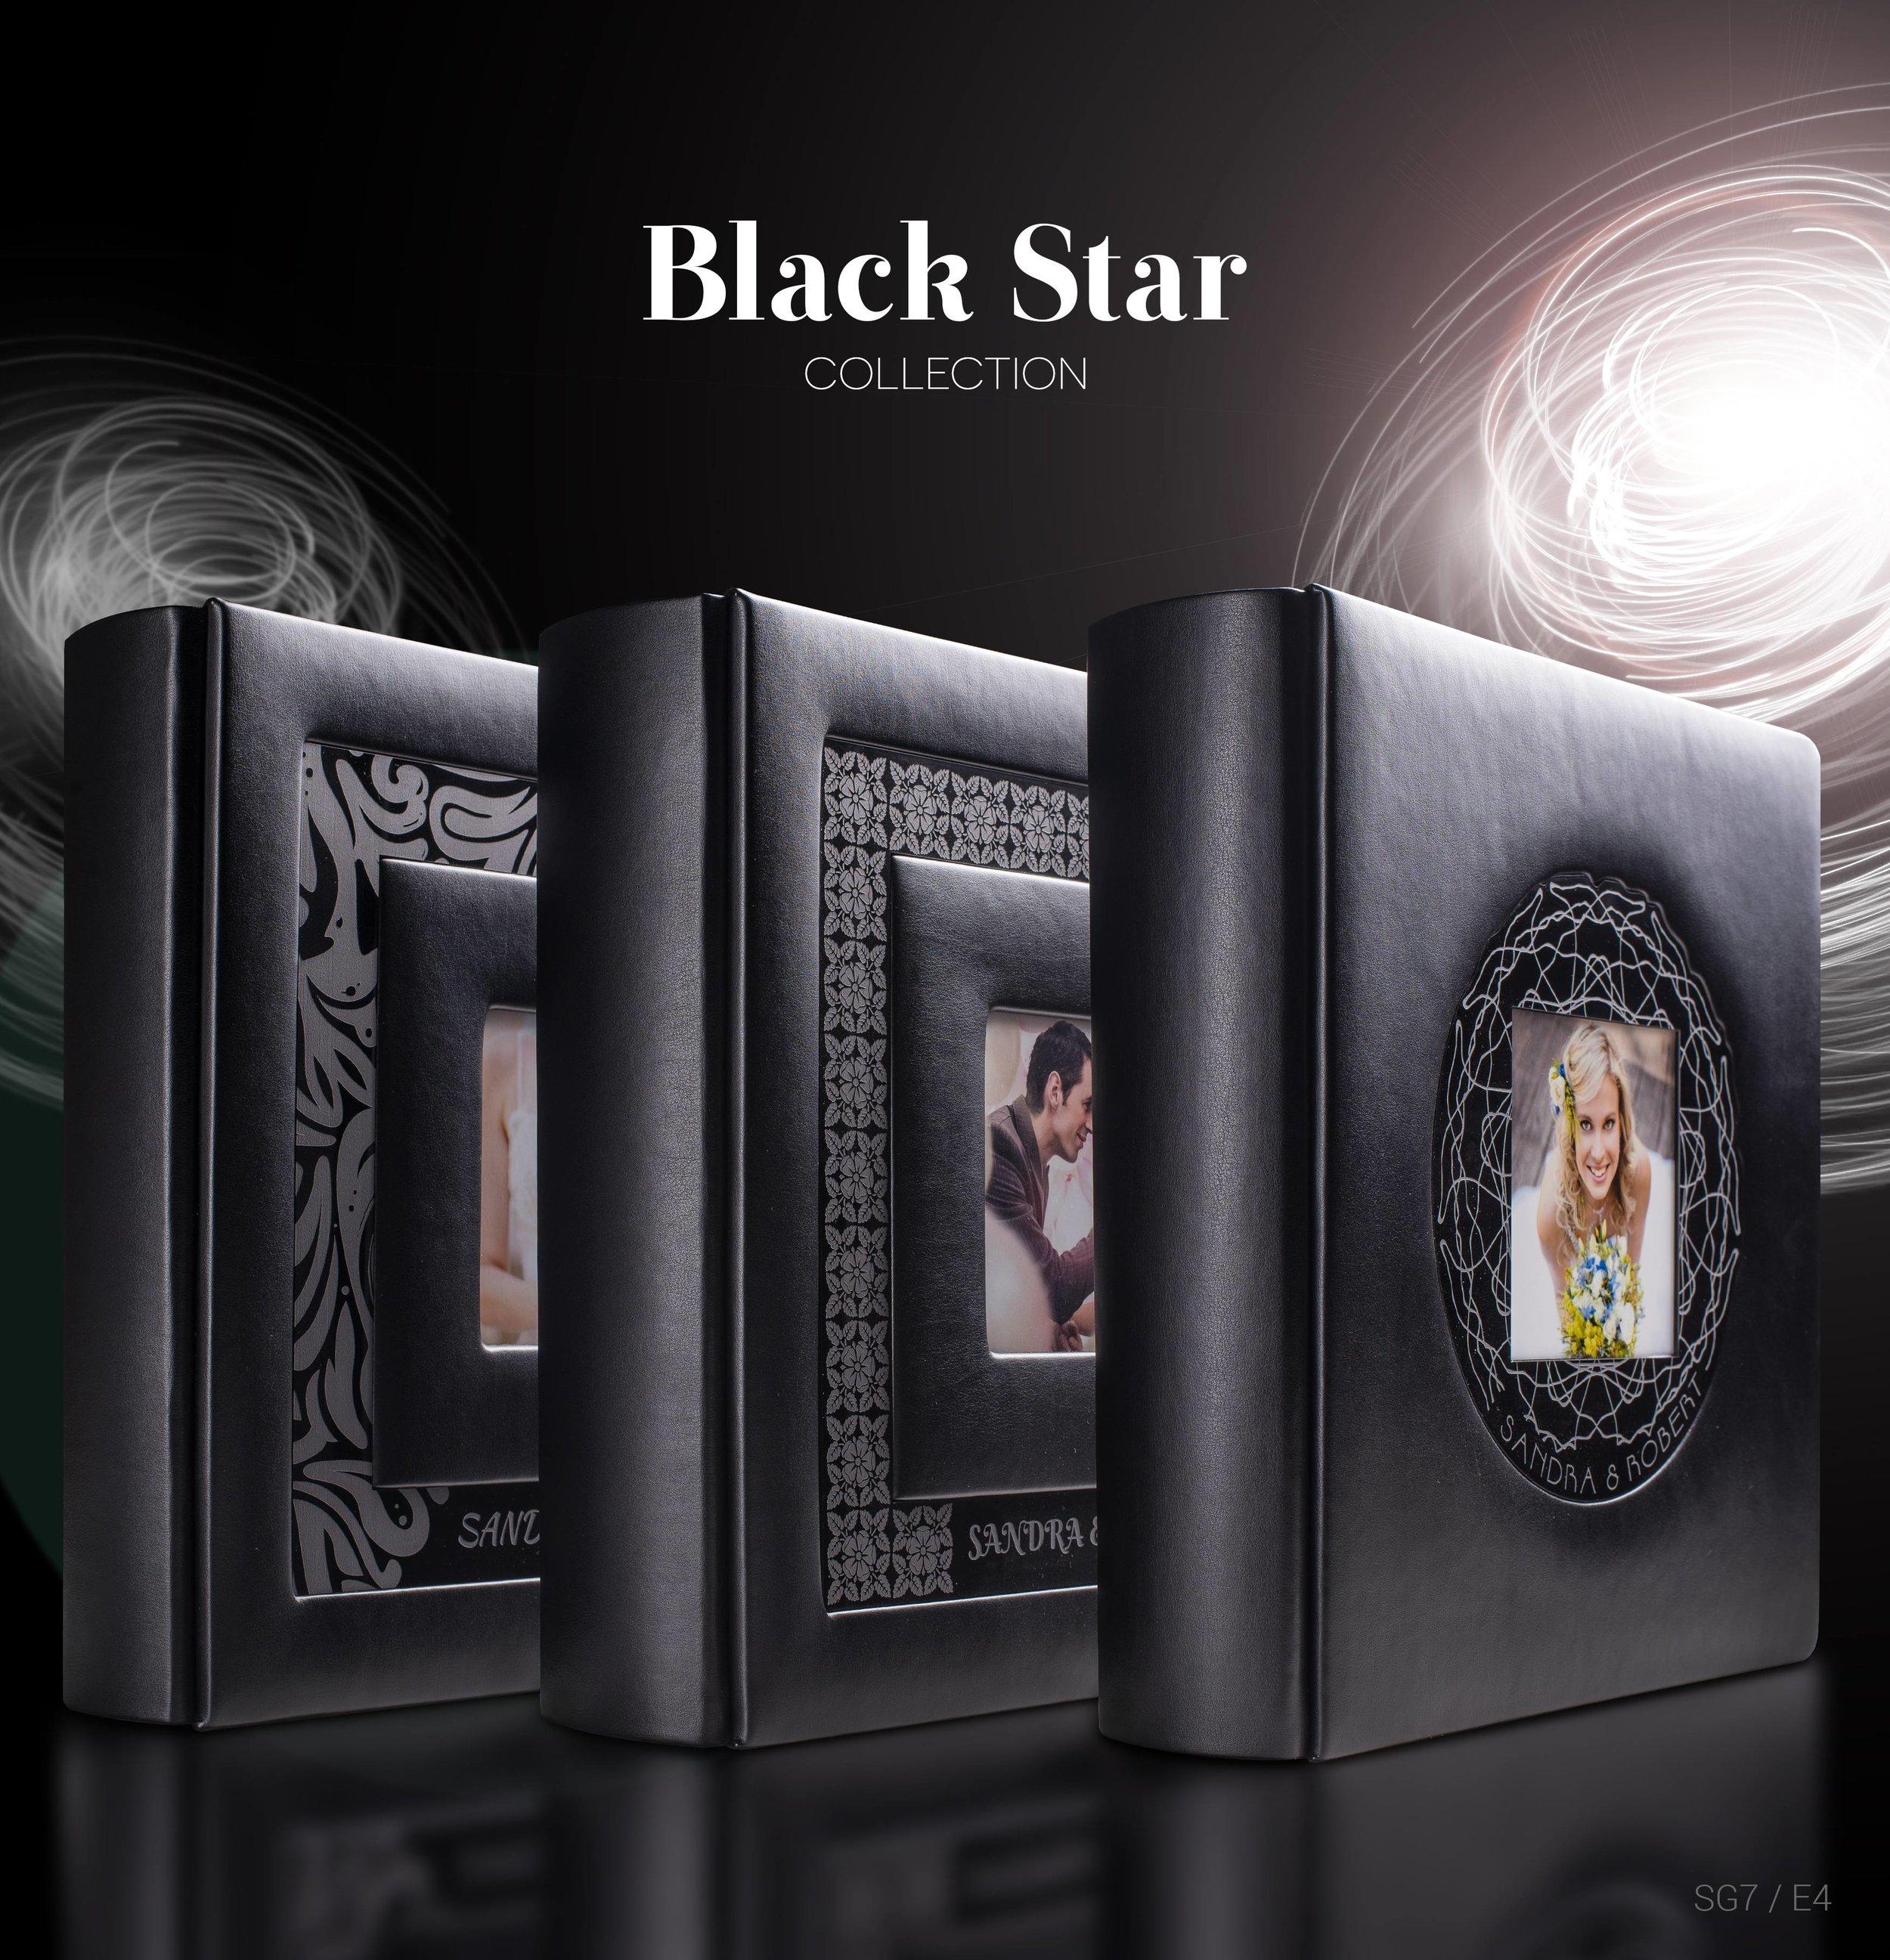 Black Star wedding albums